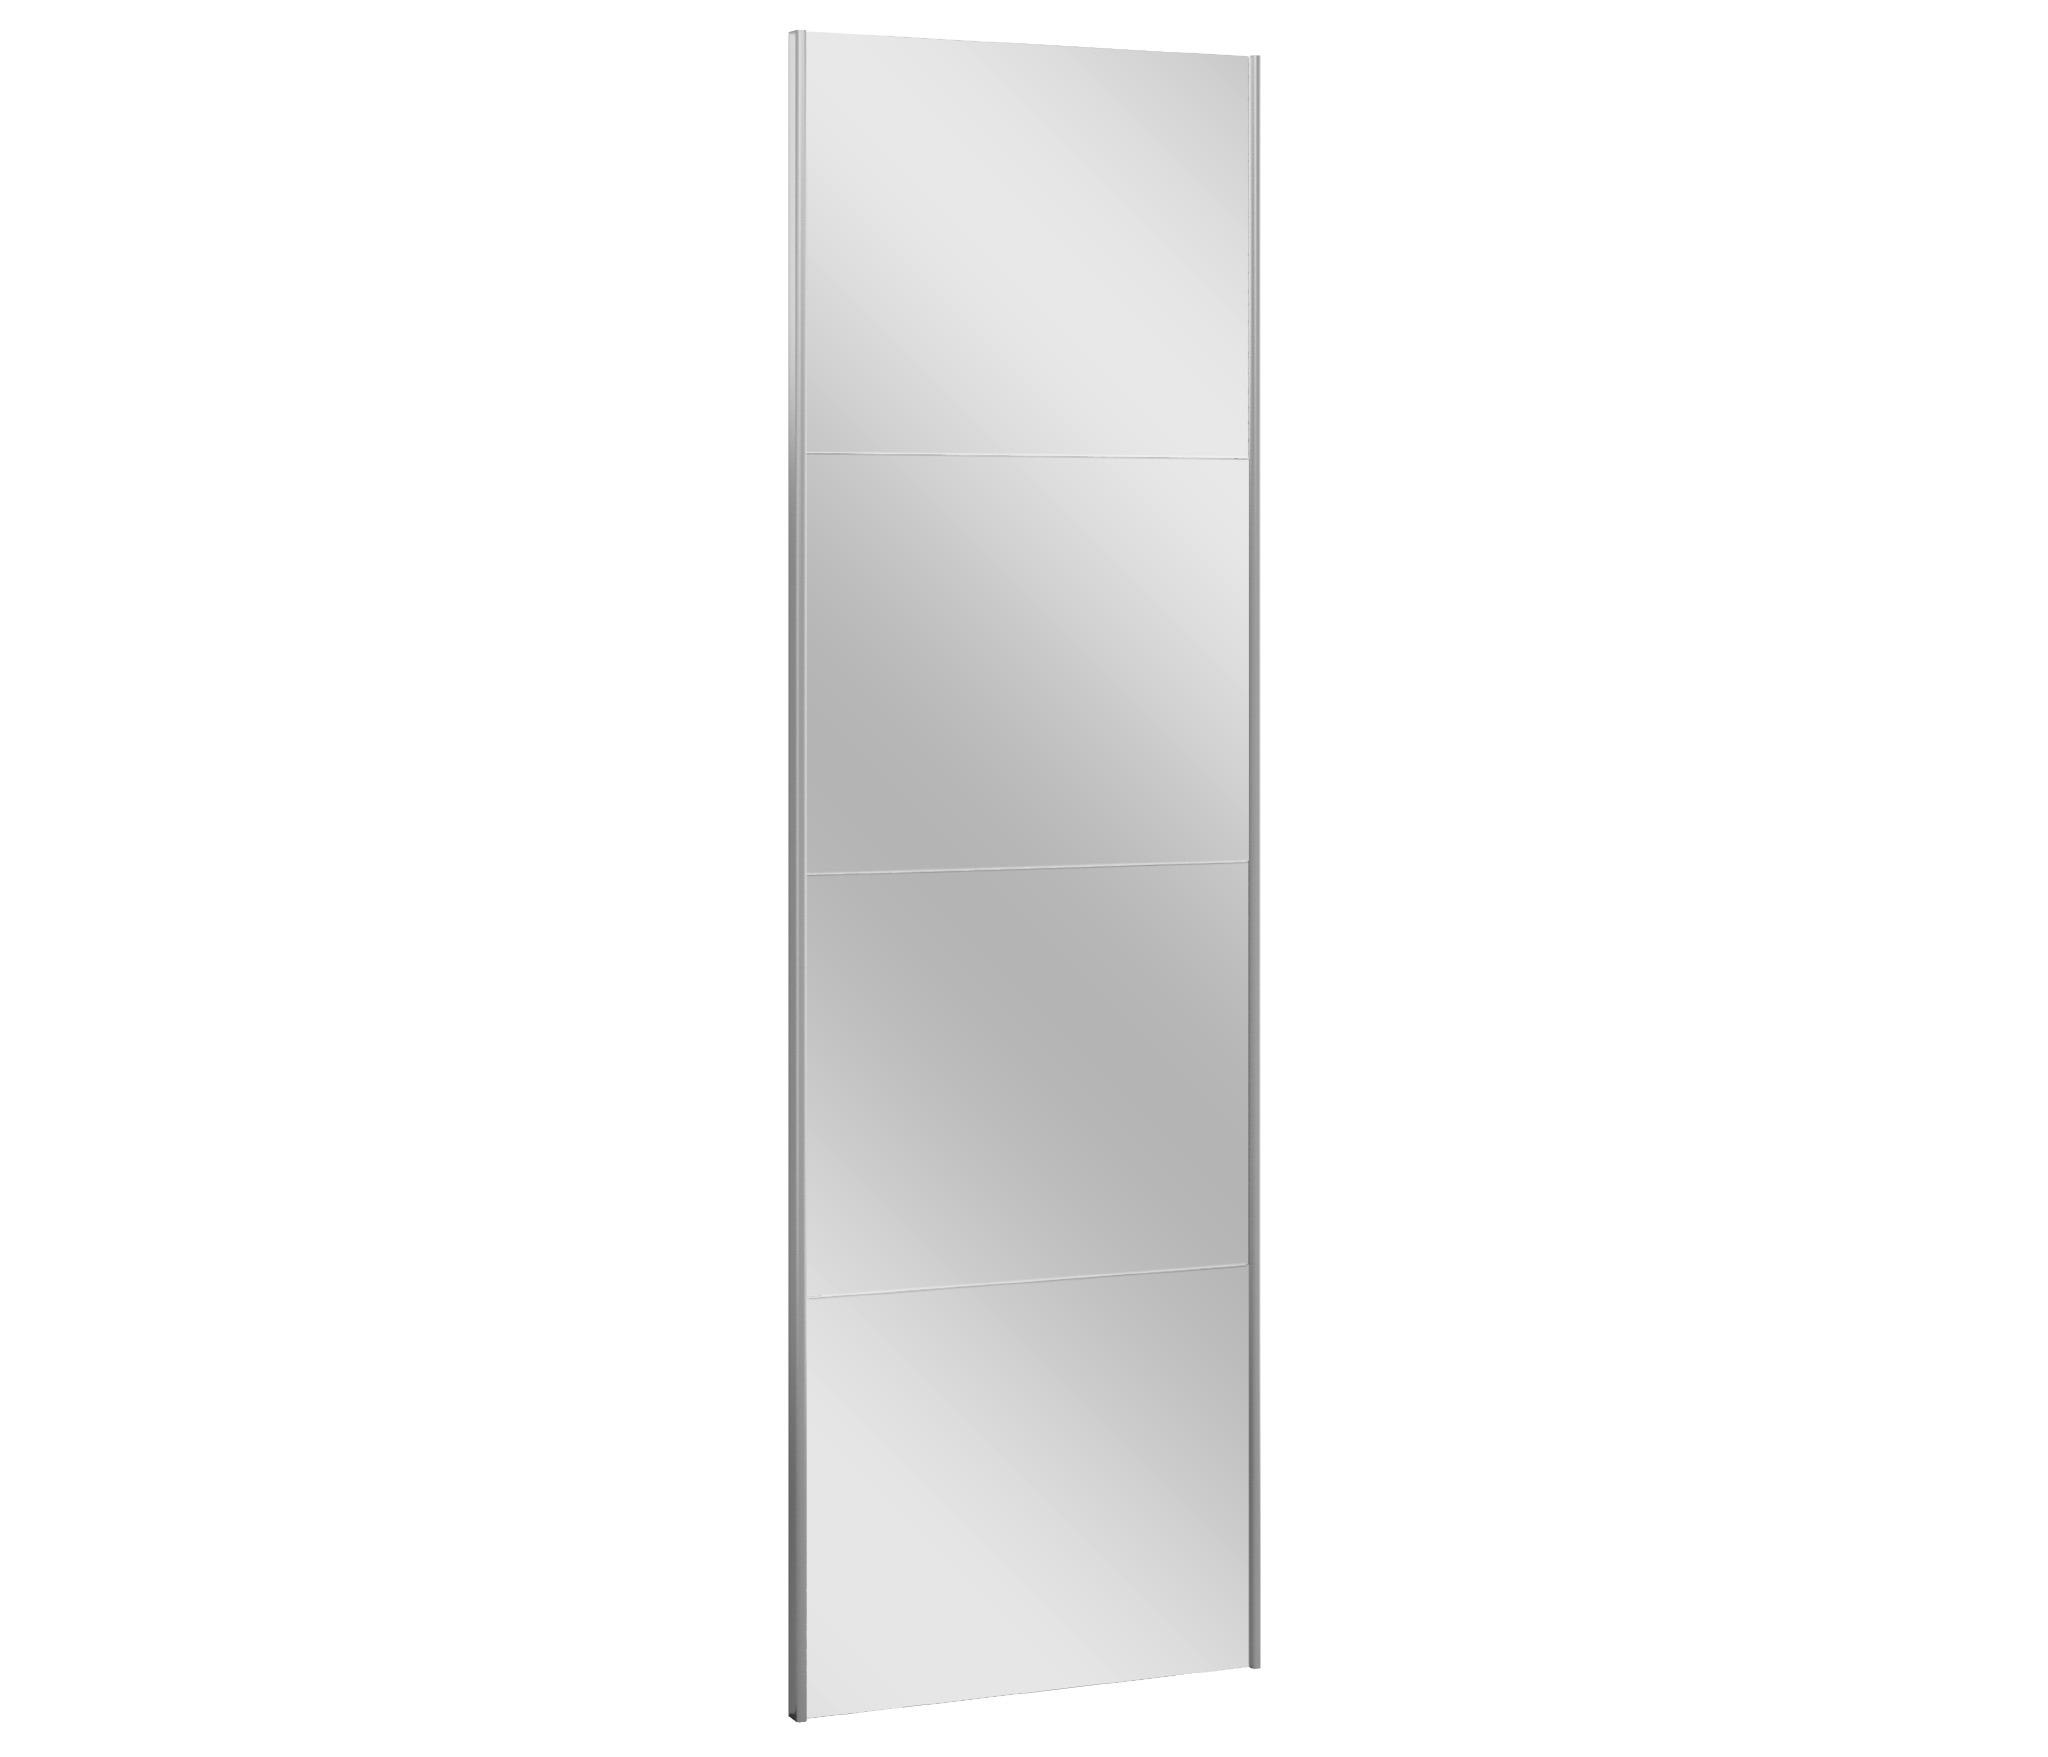 Палермо FKZ-675 ЗеркалоКомплектующие<br>Зеркальный фасад уникален хотя бы потому, что обладает актуальным свойством визуального расширения пространства.<br><br>Длина мм: 677<br>Высота мм: 2164<br>Глубина мм: 14